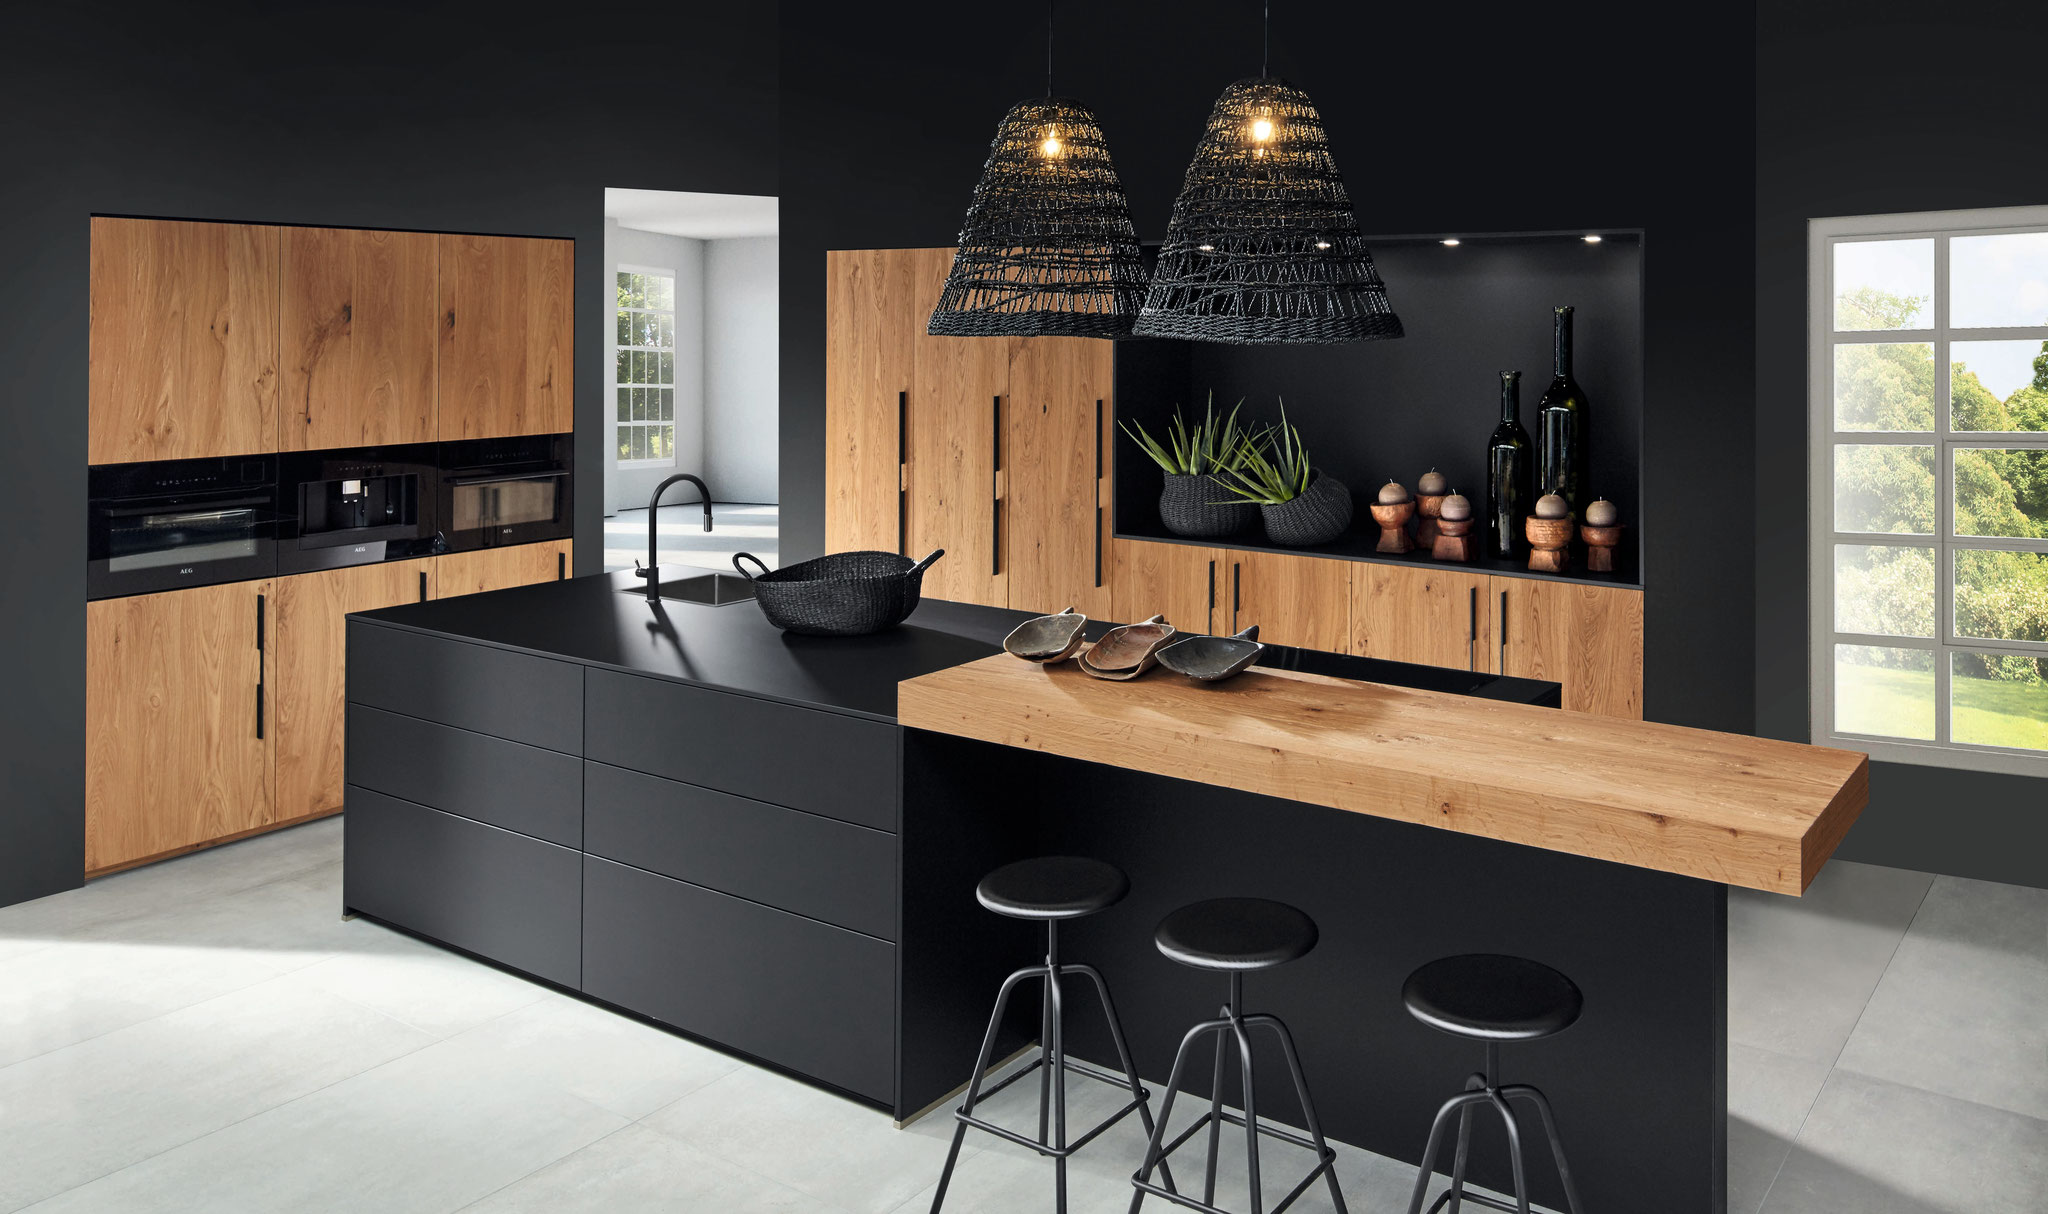 Cuisine Design haut de gamme meubles allemand et français sur mesure ...